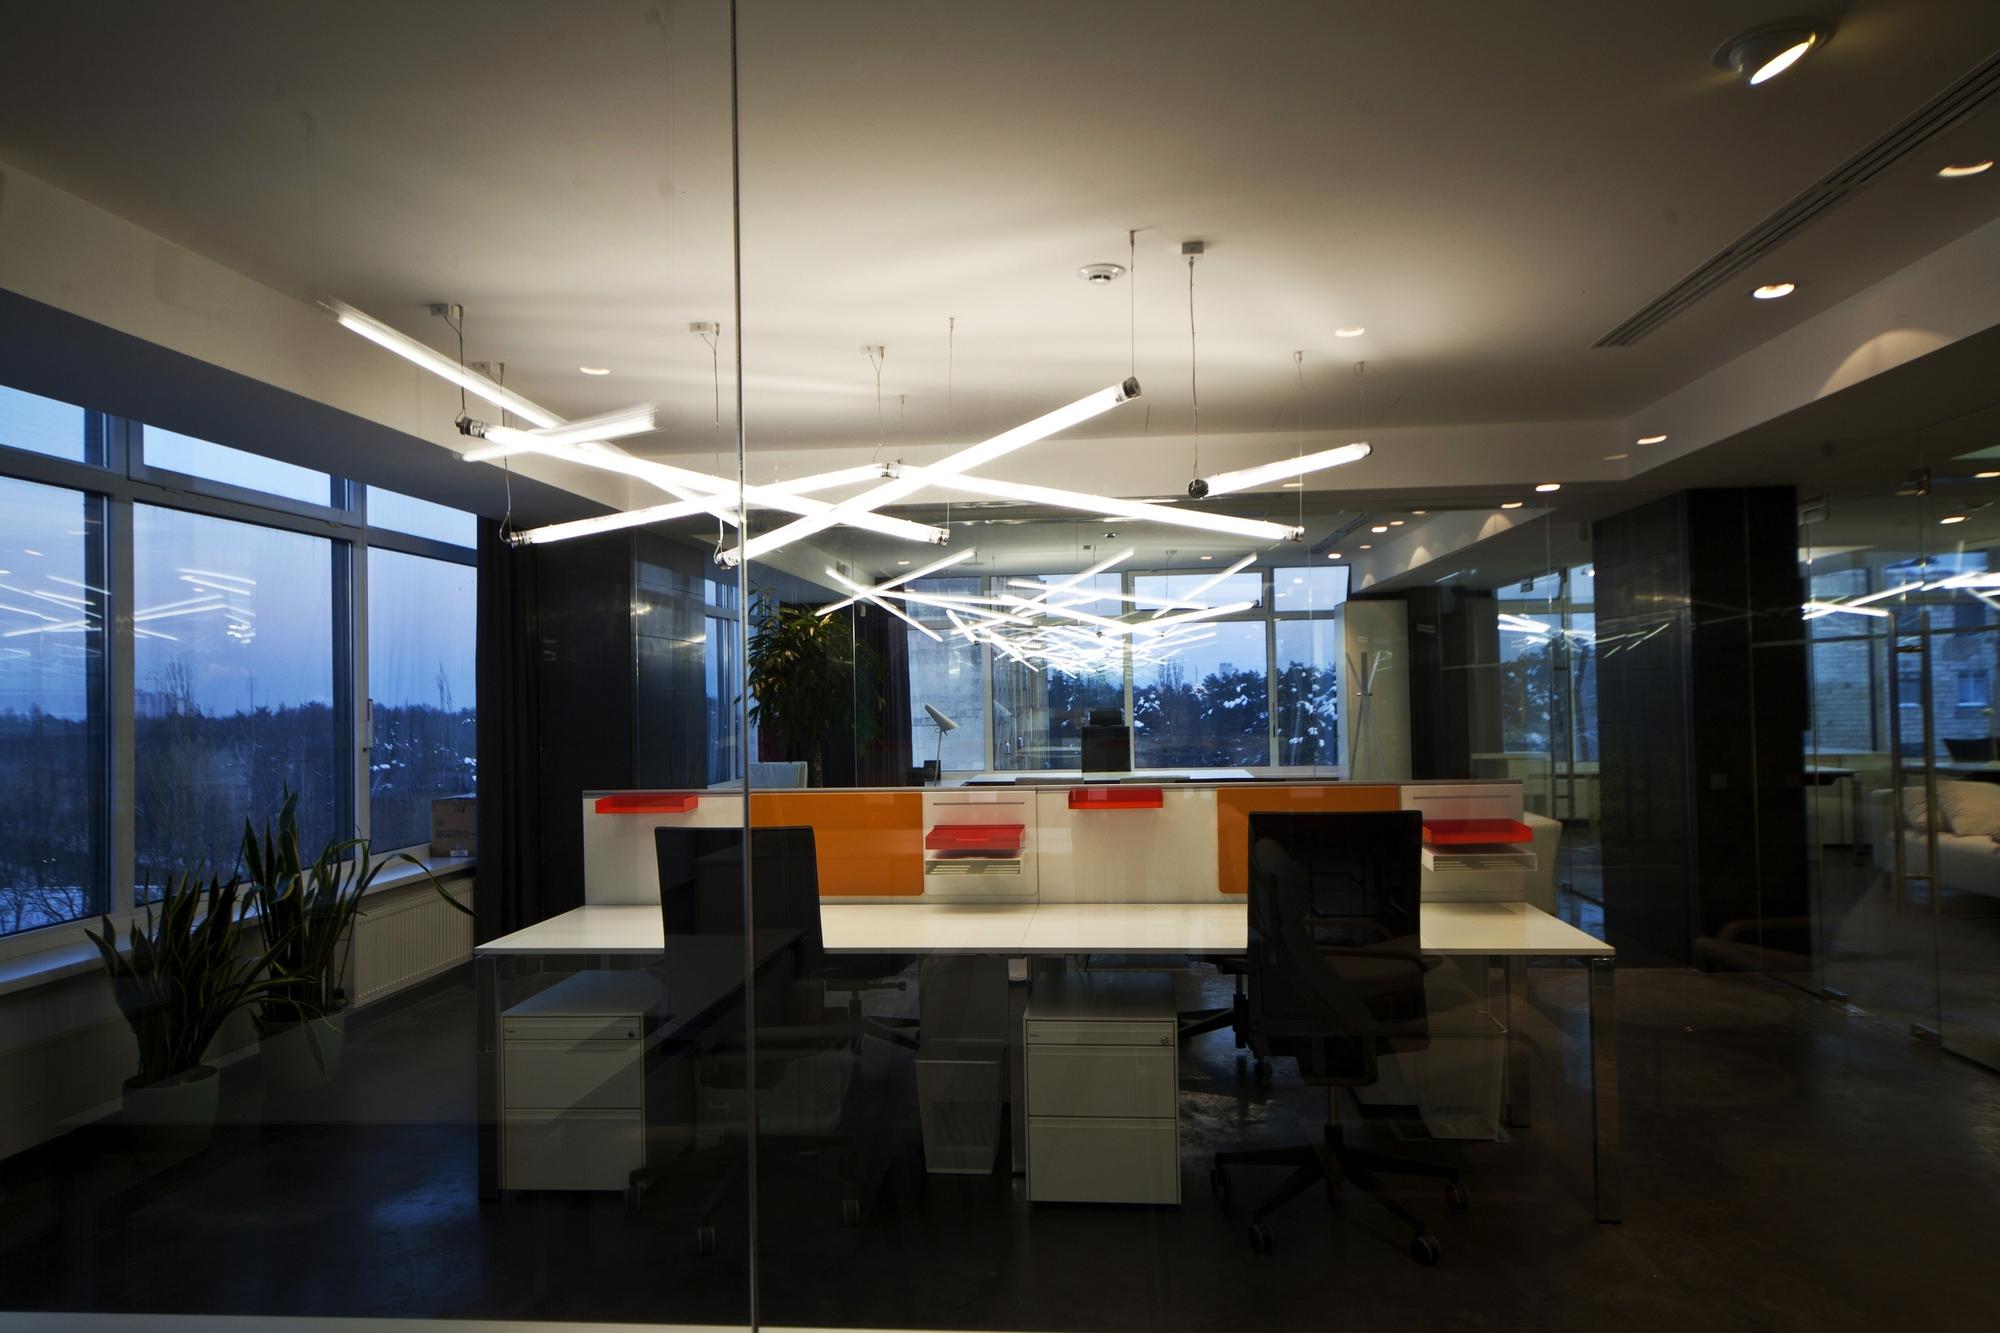 Galeria de escrit rios para empresa de tecnologia tseh for Design 4 office lausanne